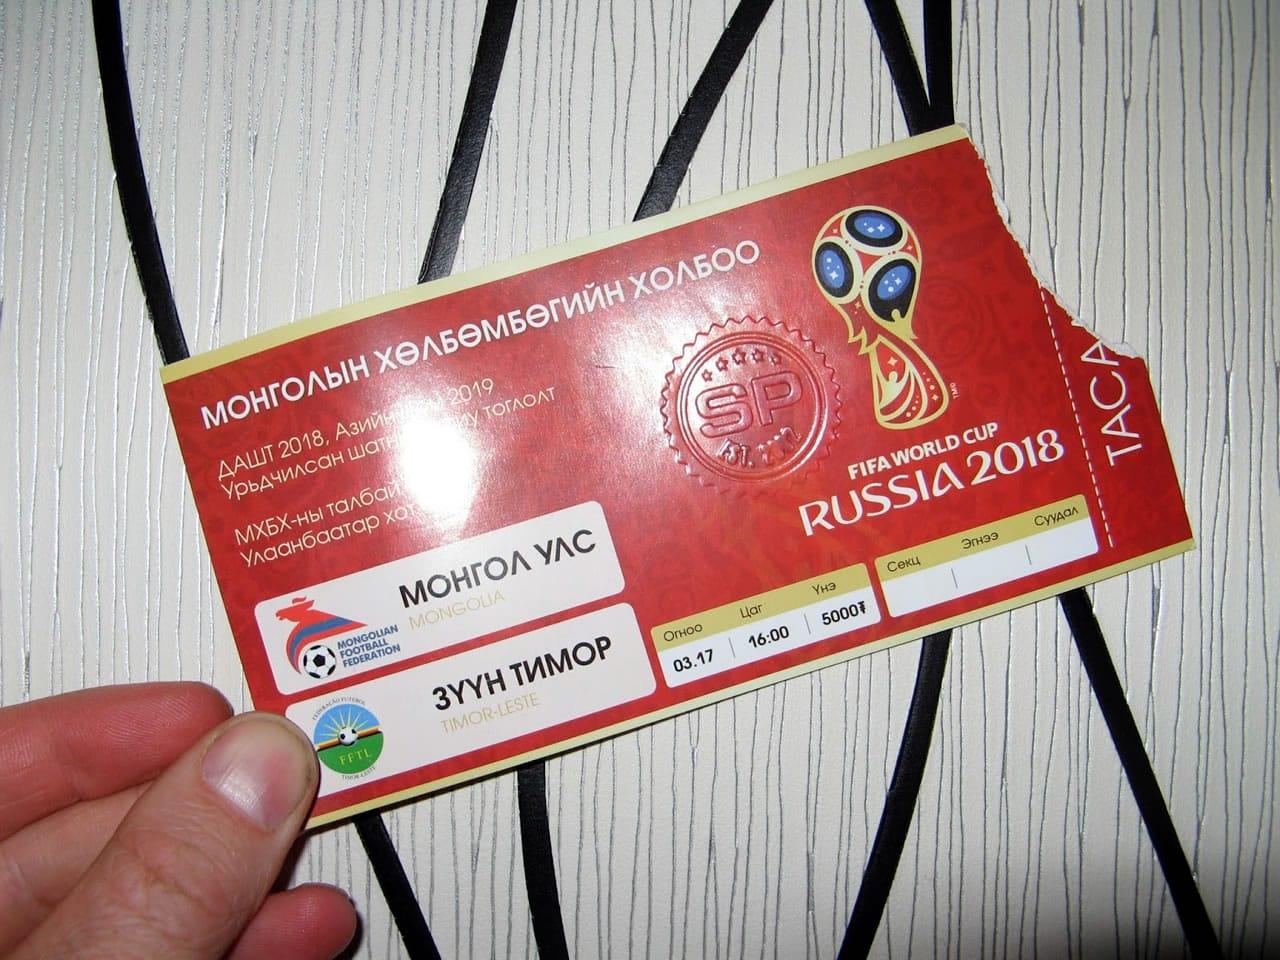 Estafas de la Copa Mundial de Rusia comercializan entradas hasta 10 veces más caras